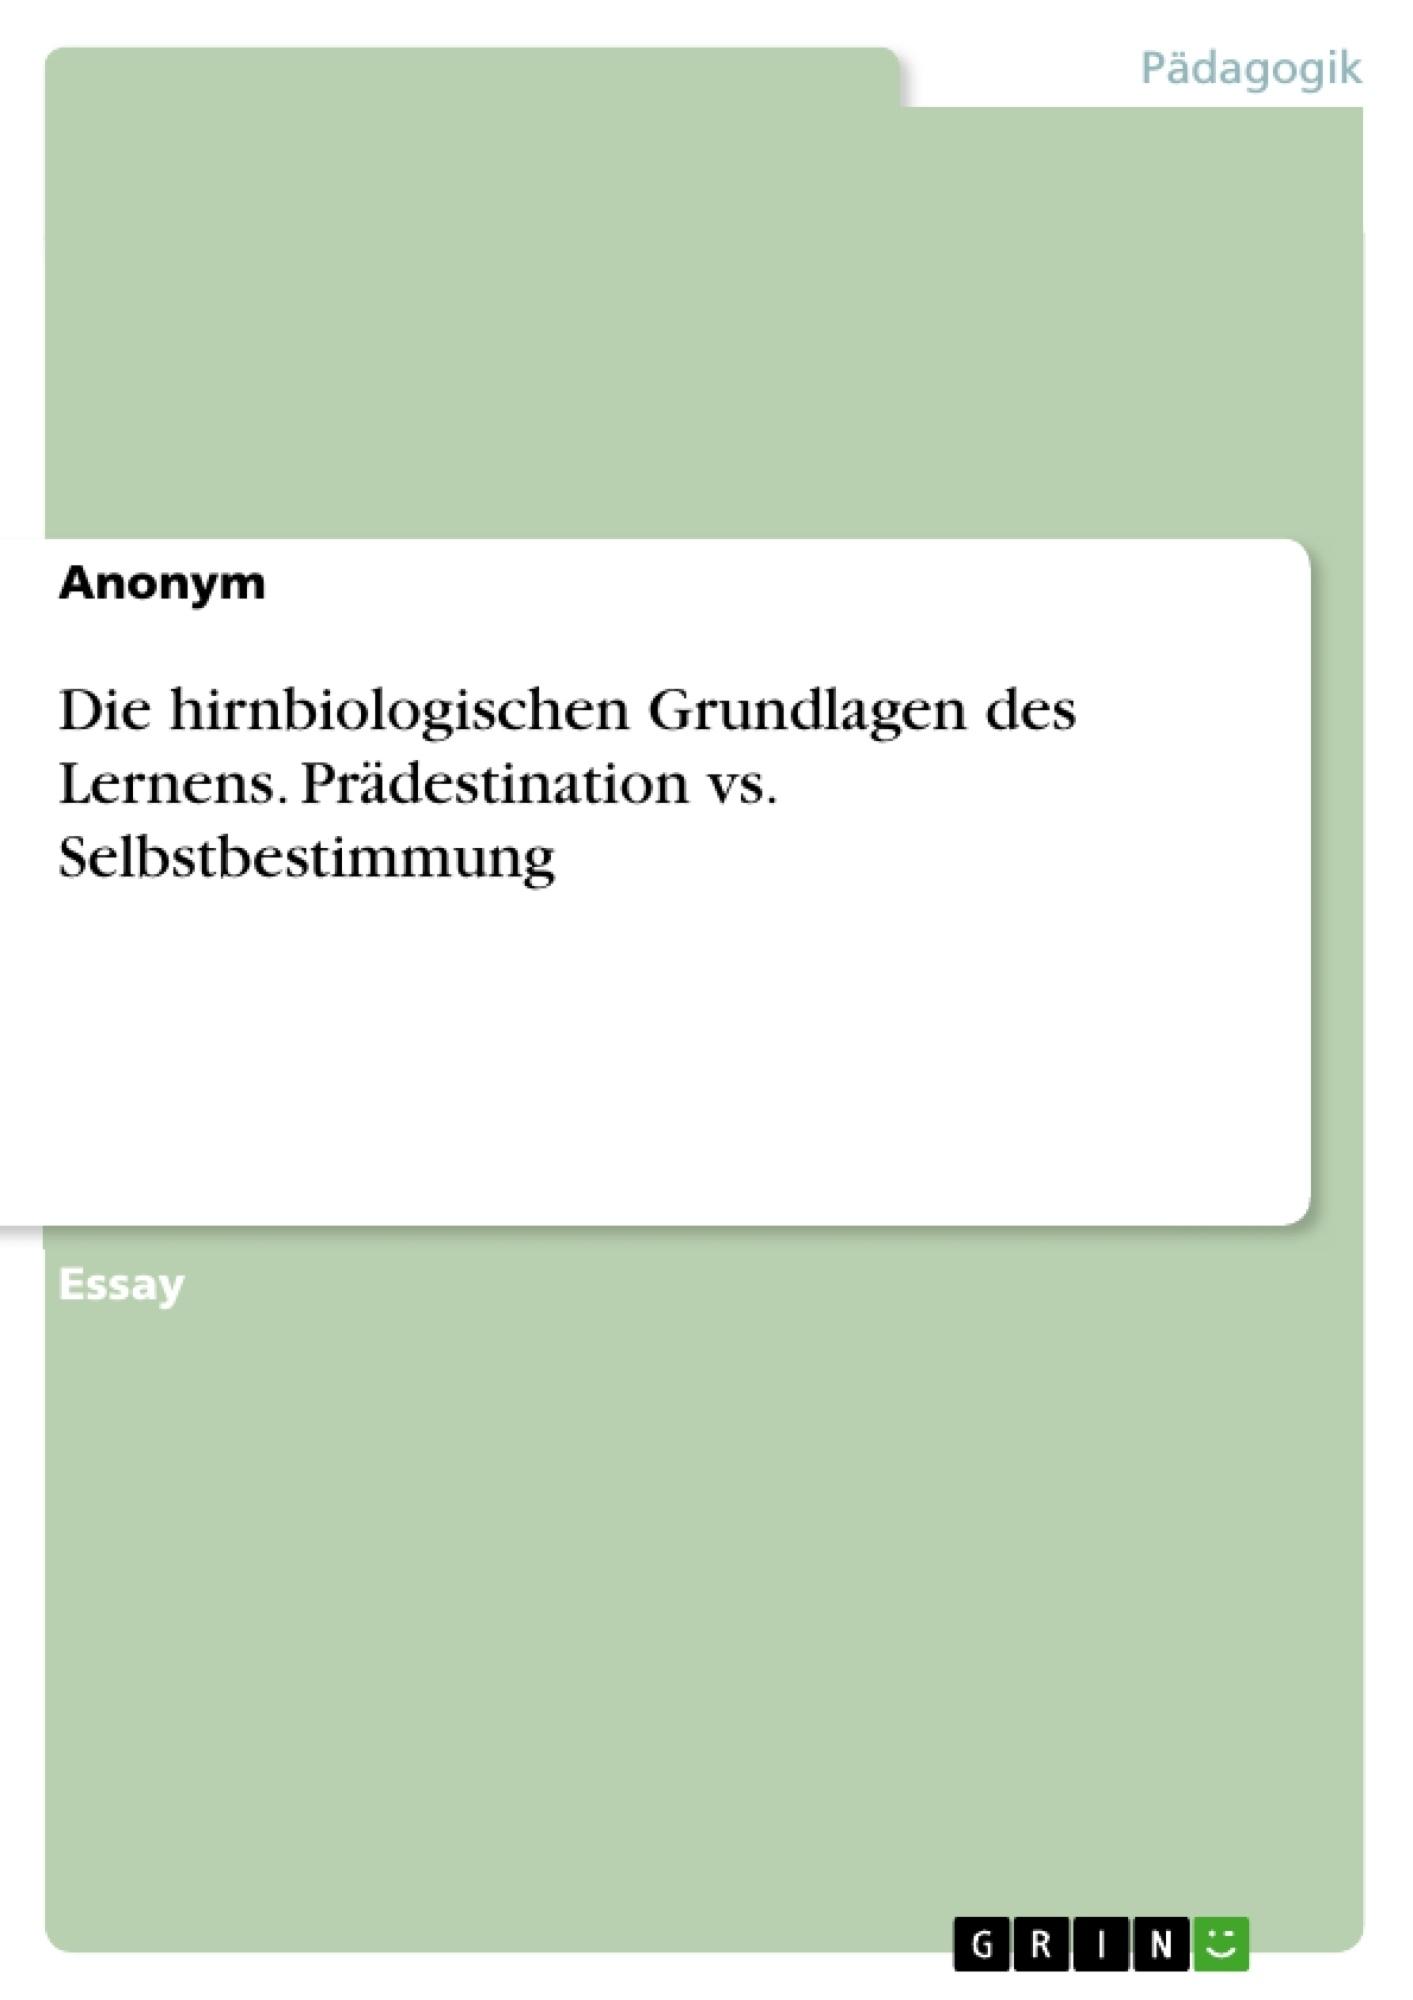 Titel: Die hirnbiologischen Grundlagen des Lernens. Prädestination vs. Selbstbestimmung